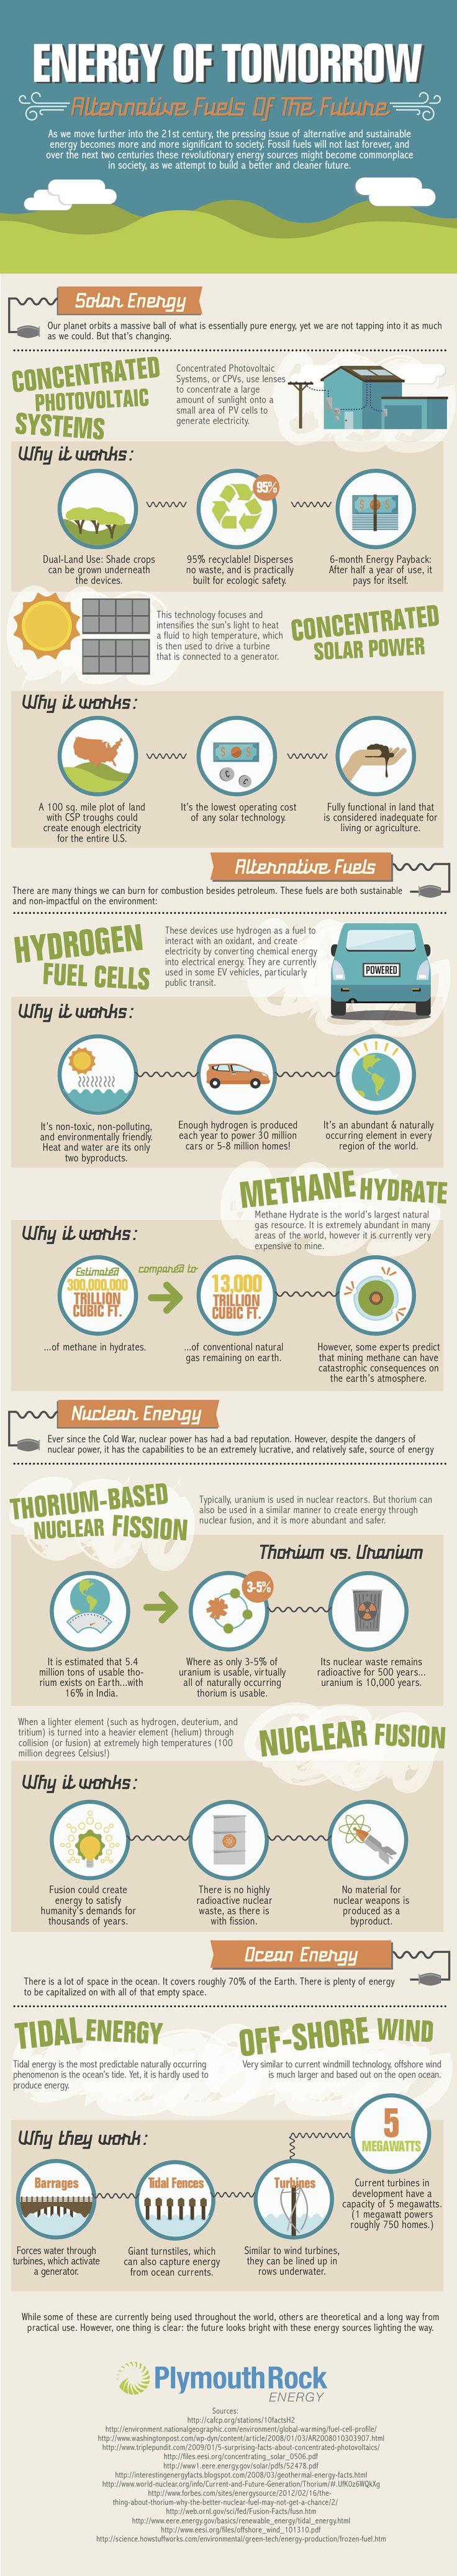 Energías alternativas para el futuro #infografia #infographic #medioambiente